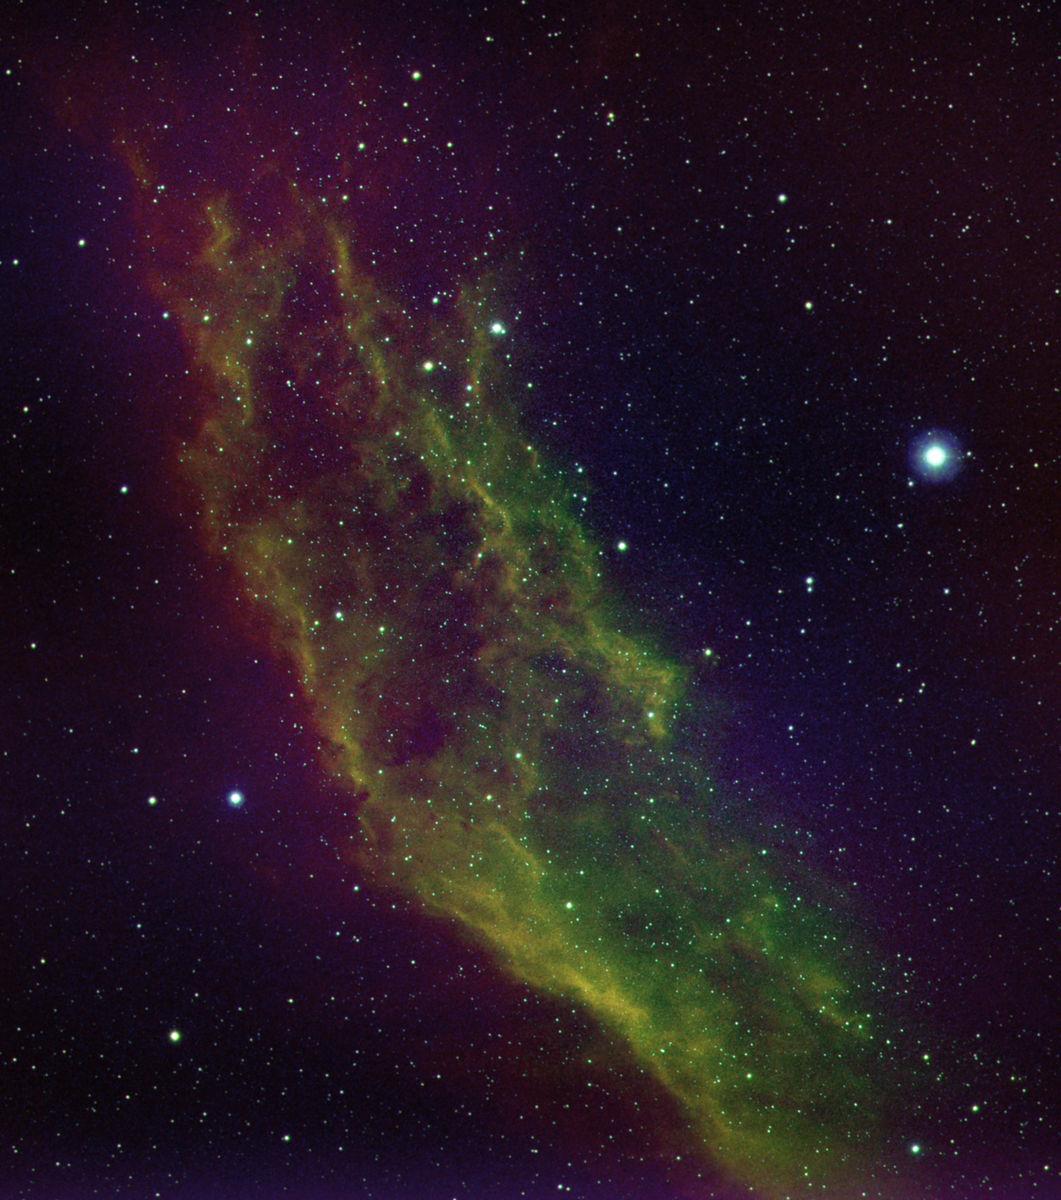 NGC1499 20181207 SV70T 163M2 FR NB1 SHO 01